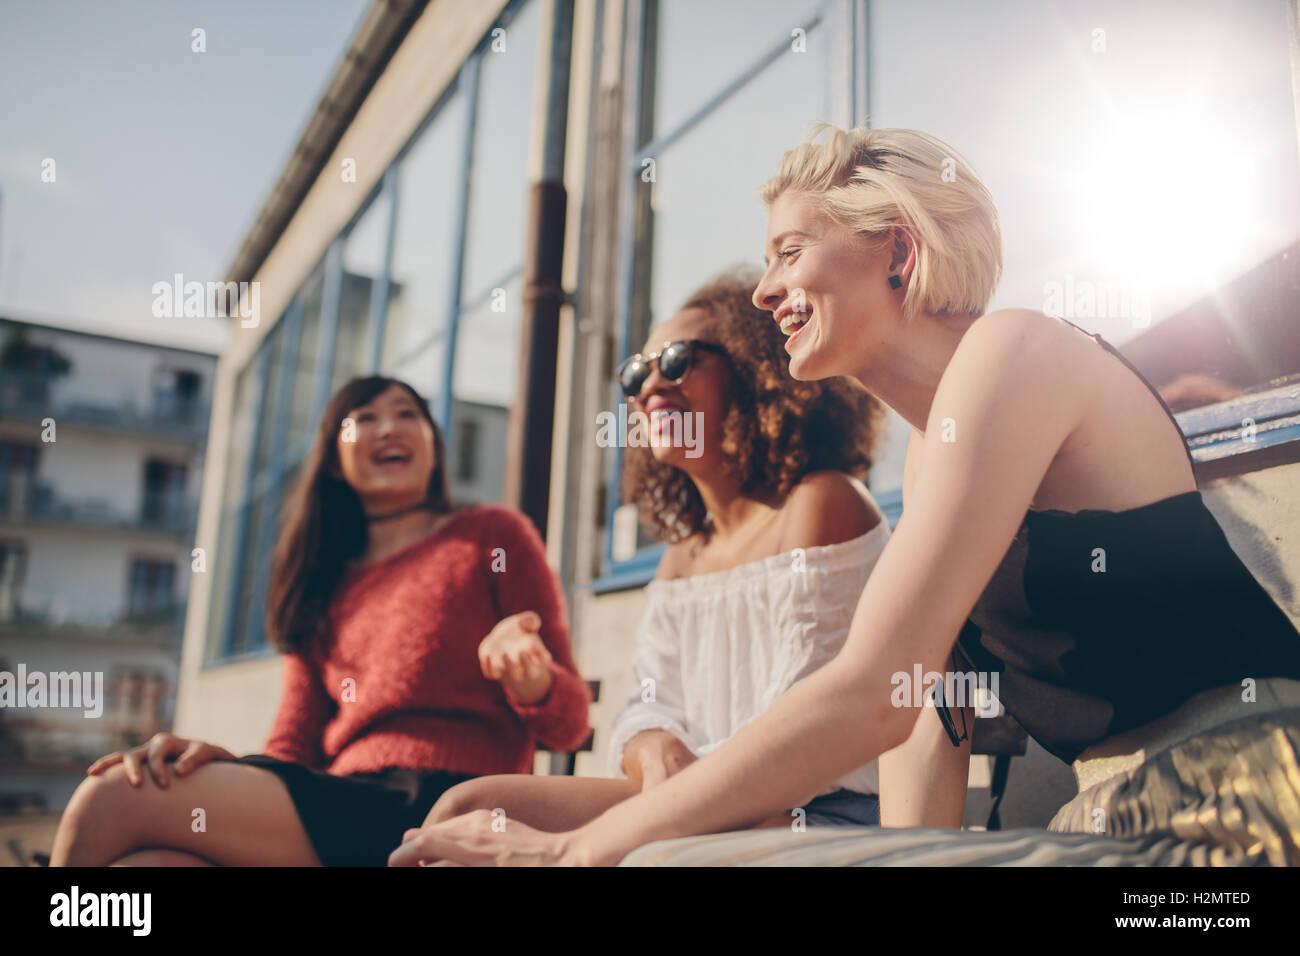 Gruppe von Freundinnen Spaß beim Sitzen am Café im Freien. Drei junge Frauen sitzen auf einer Terrasse Stockbild